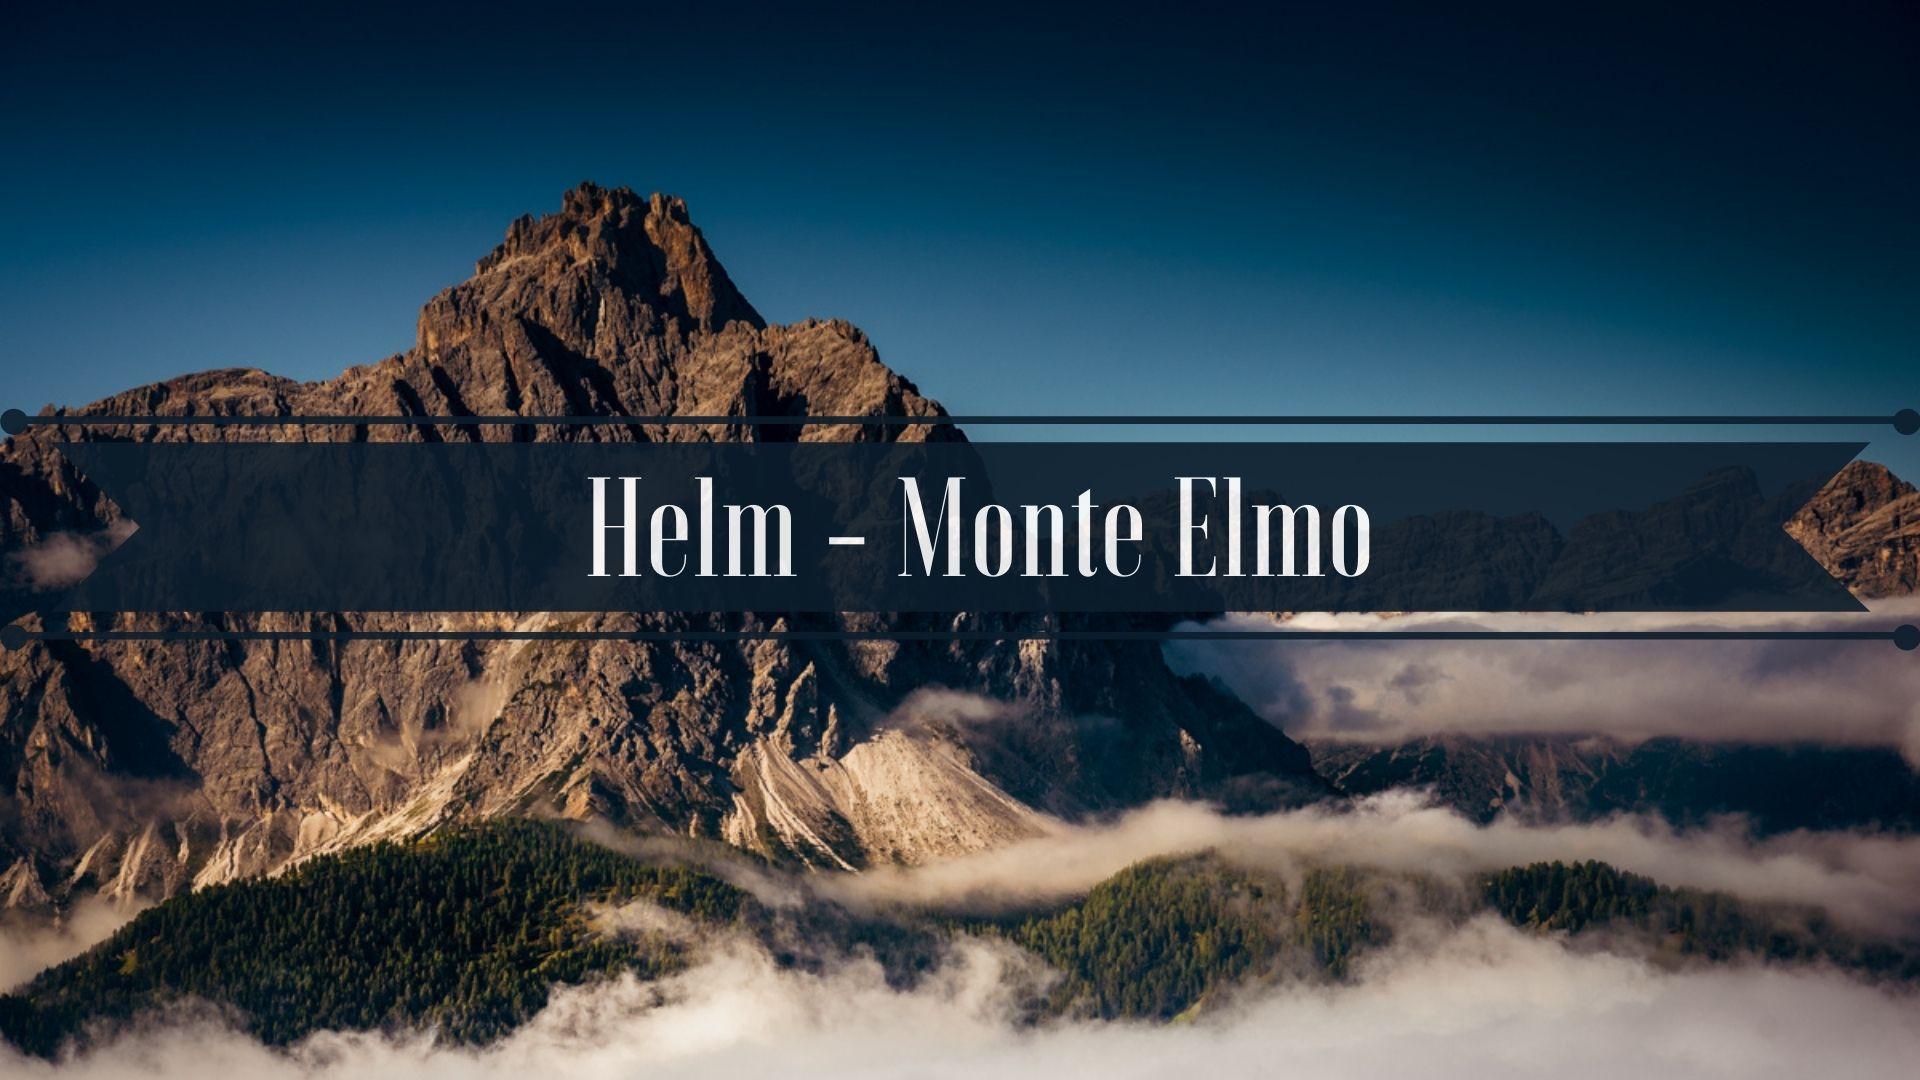 Łatwe szlaki w Alpach - Wejście na Helm